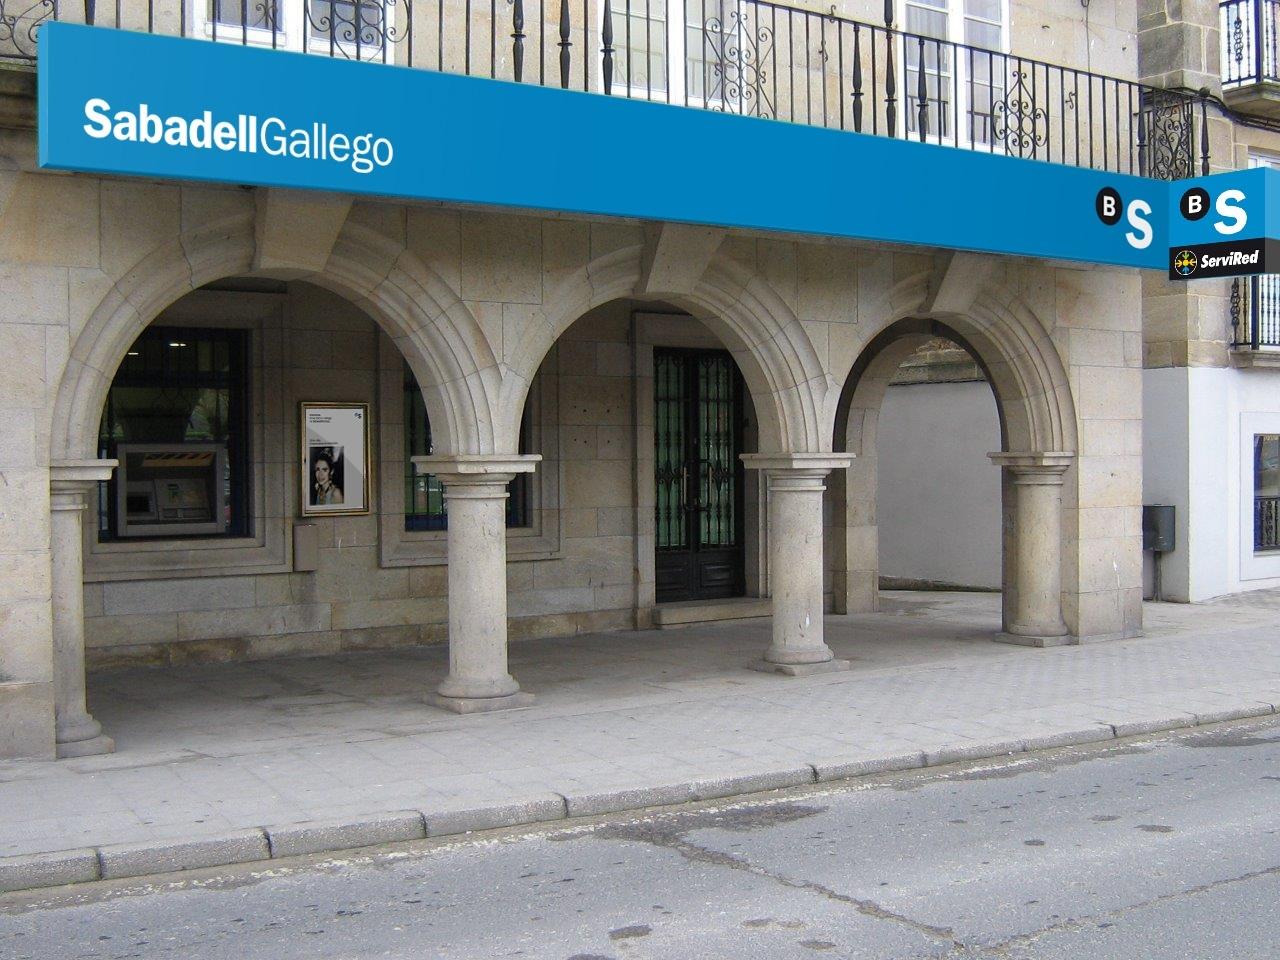 Sabadell Gallego aspira a ser la segunda entidad en Galicia en tres años y llegar al 8% del negocio financiero